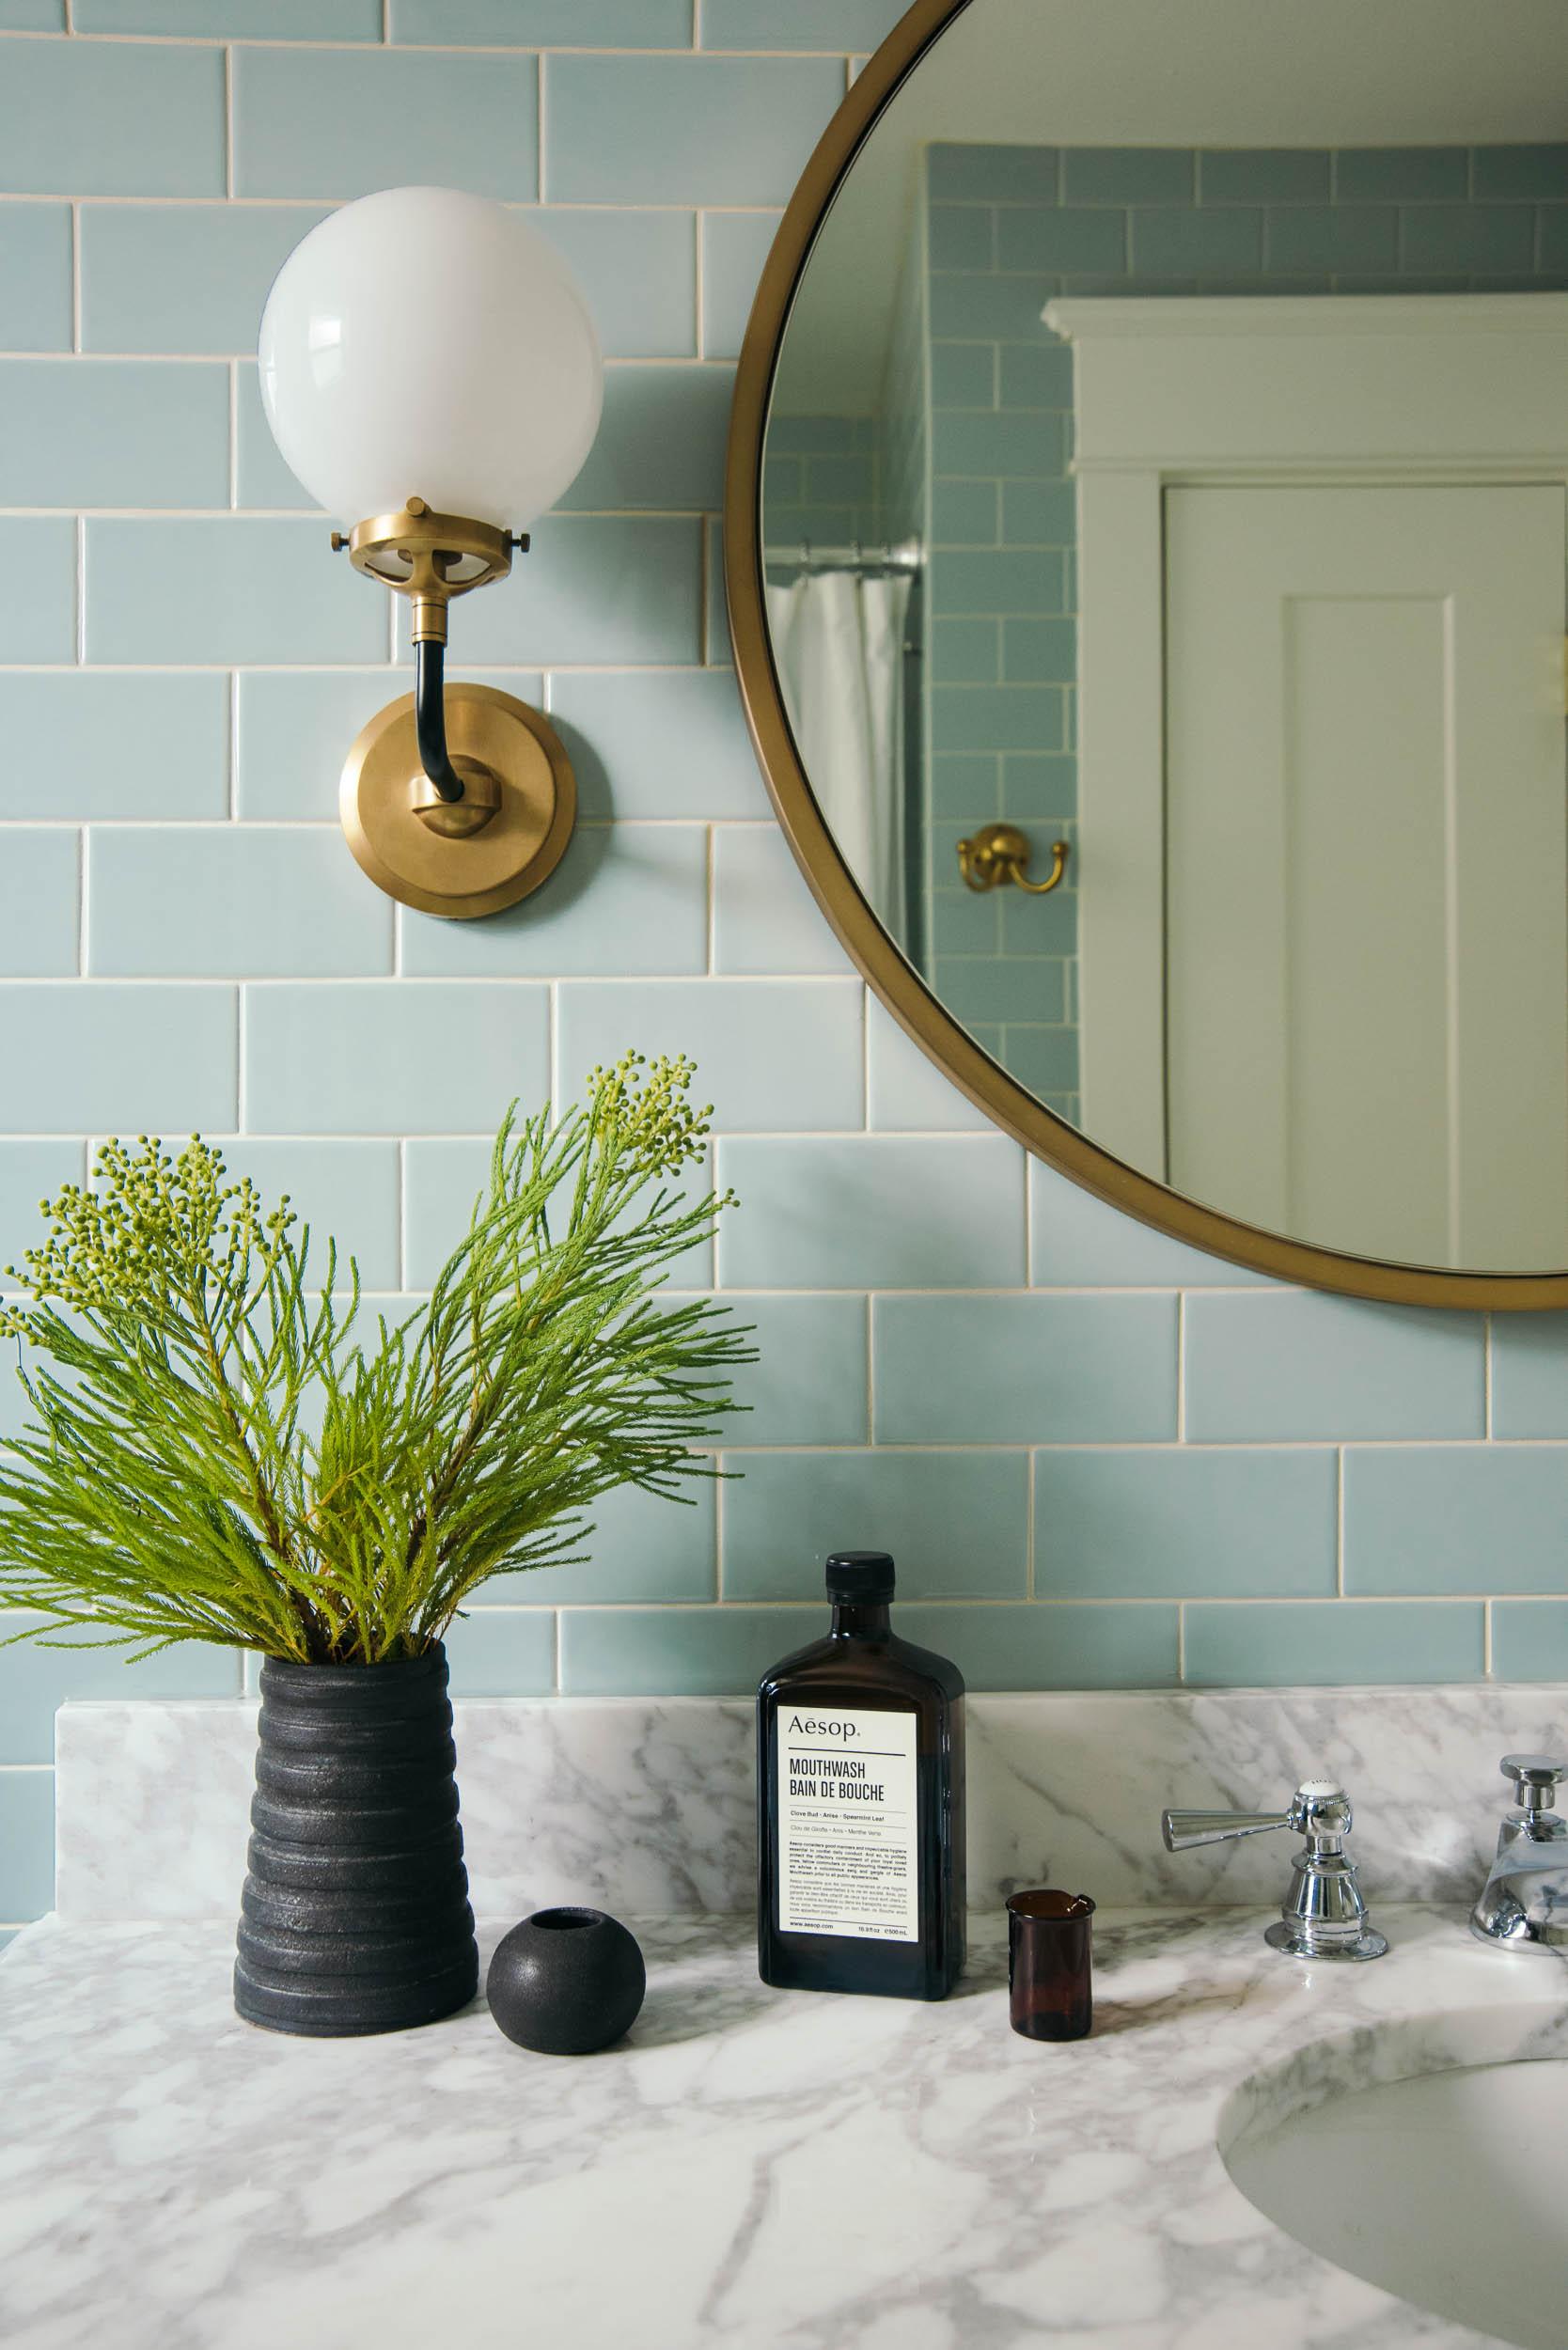 LKI_riverbend_bathroom-4.jpg